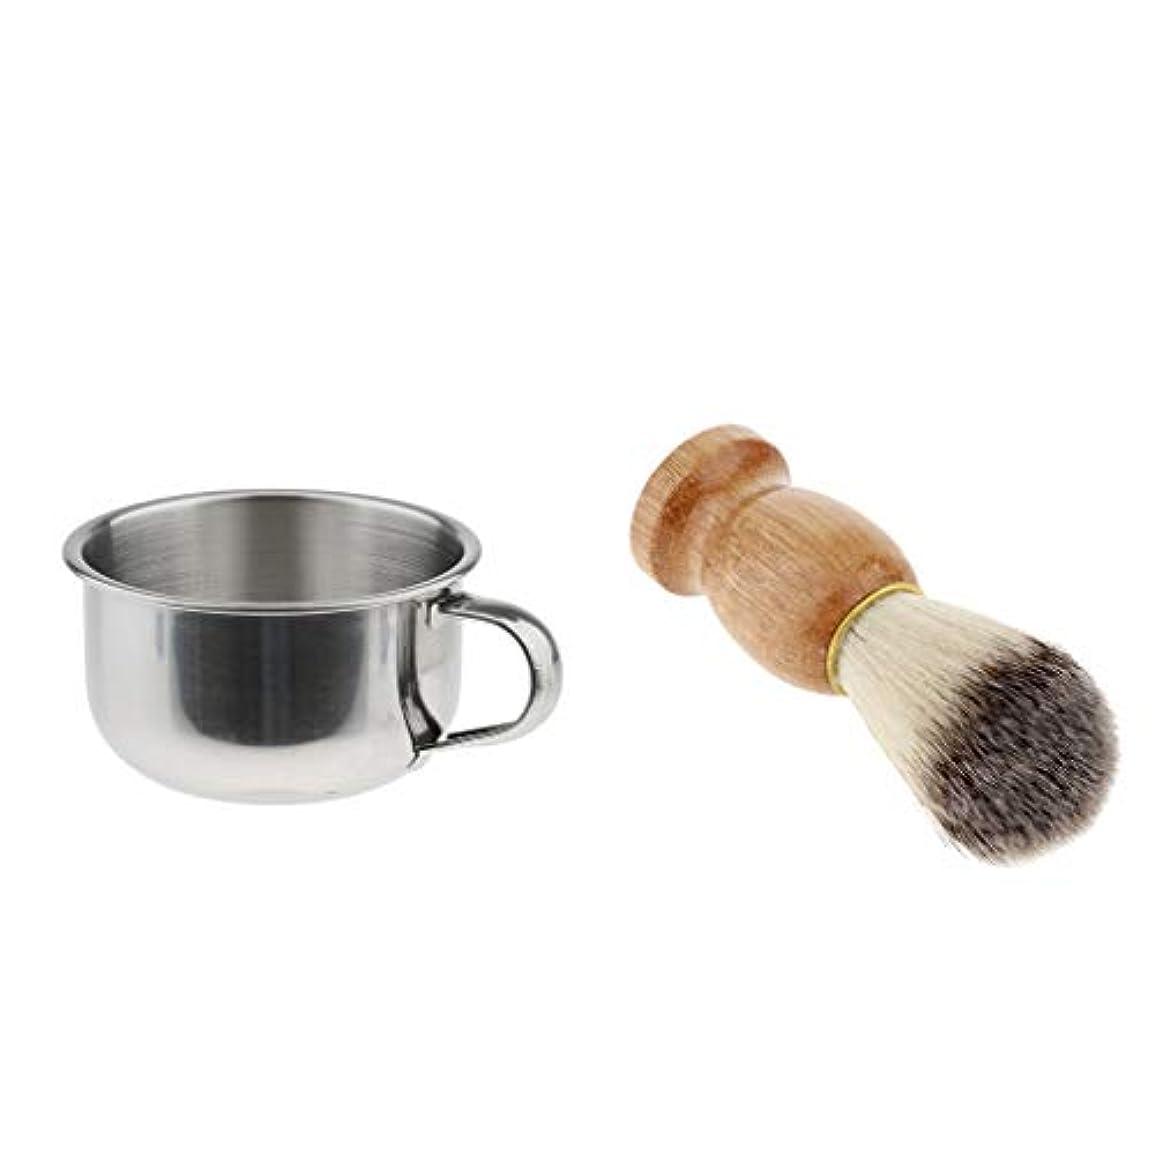 その間限りもろいシェービングブラシ 理容 洗顔 髭剃り メンズ 石鹸ボウル シェービングマグ 髭剃り